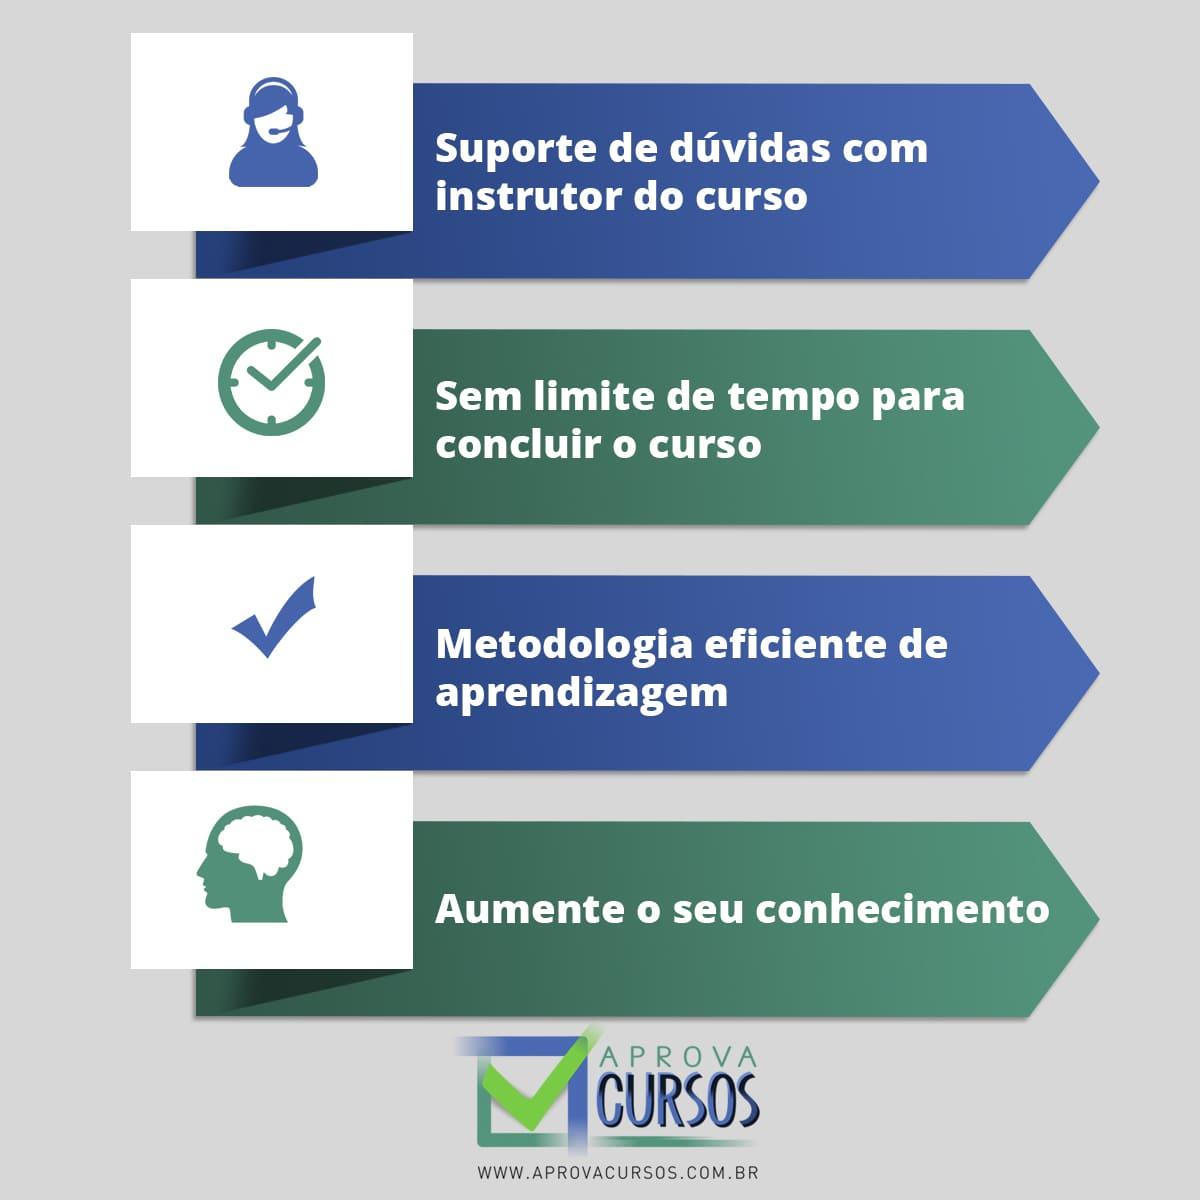 Curso online de Segurança do Trabalho + Certificado  - Aprova Cursos